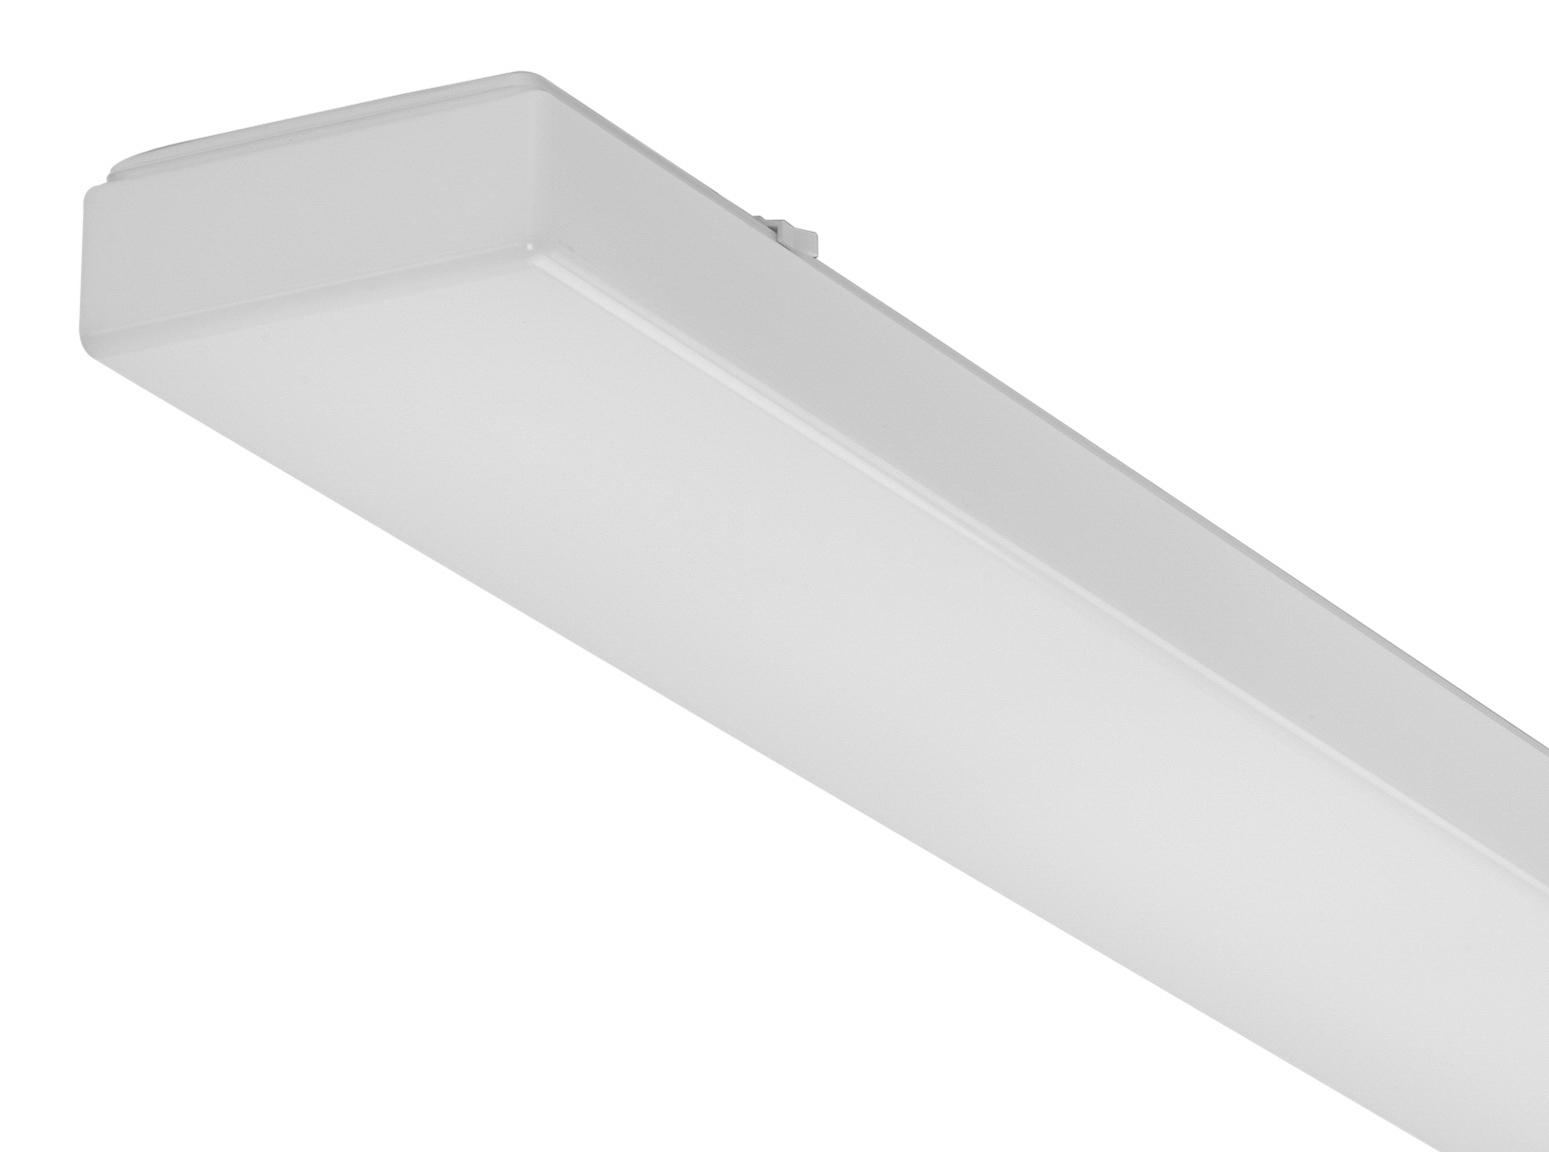 1 Stk AOTF-O T8 Wannenleuchte, 2x58W, EVG, IP50, acryl, opal, Weiß LI71291562